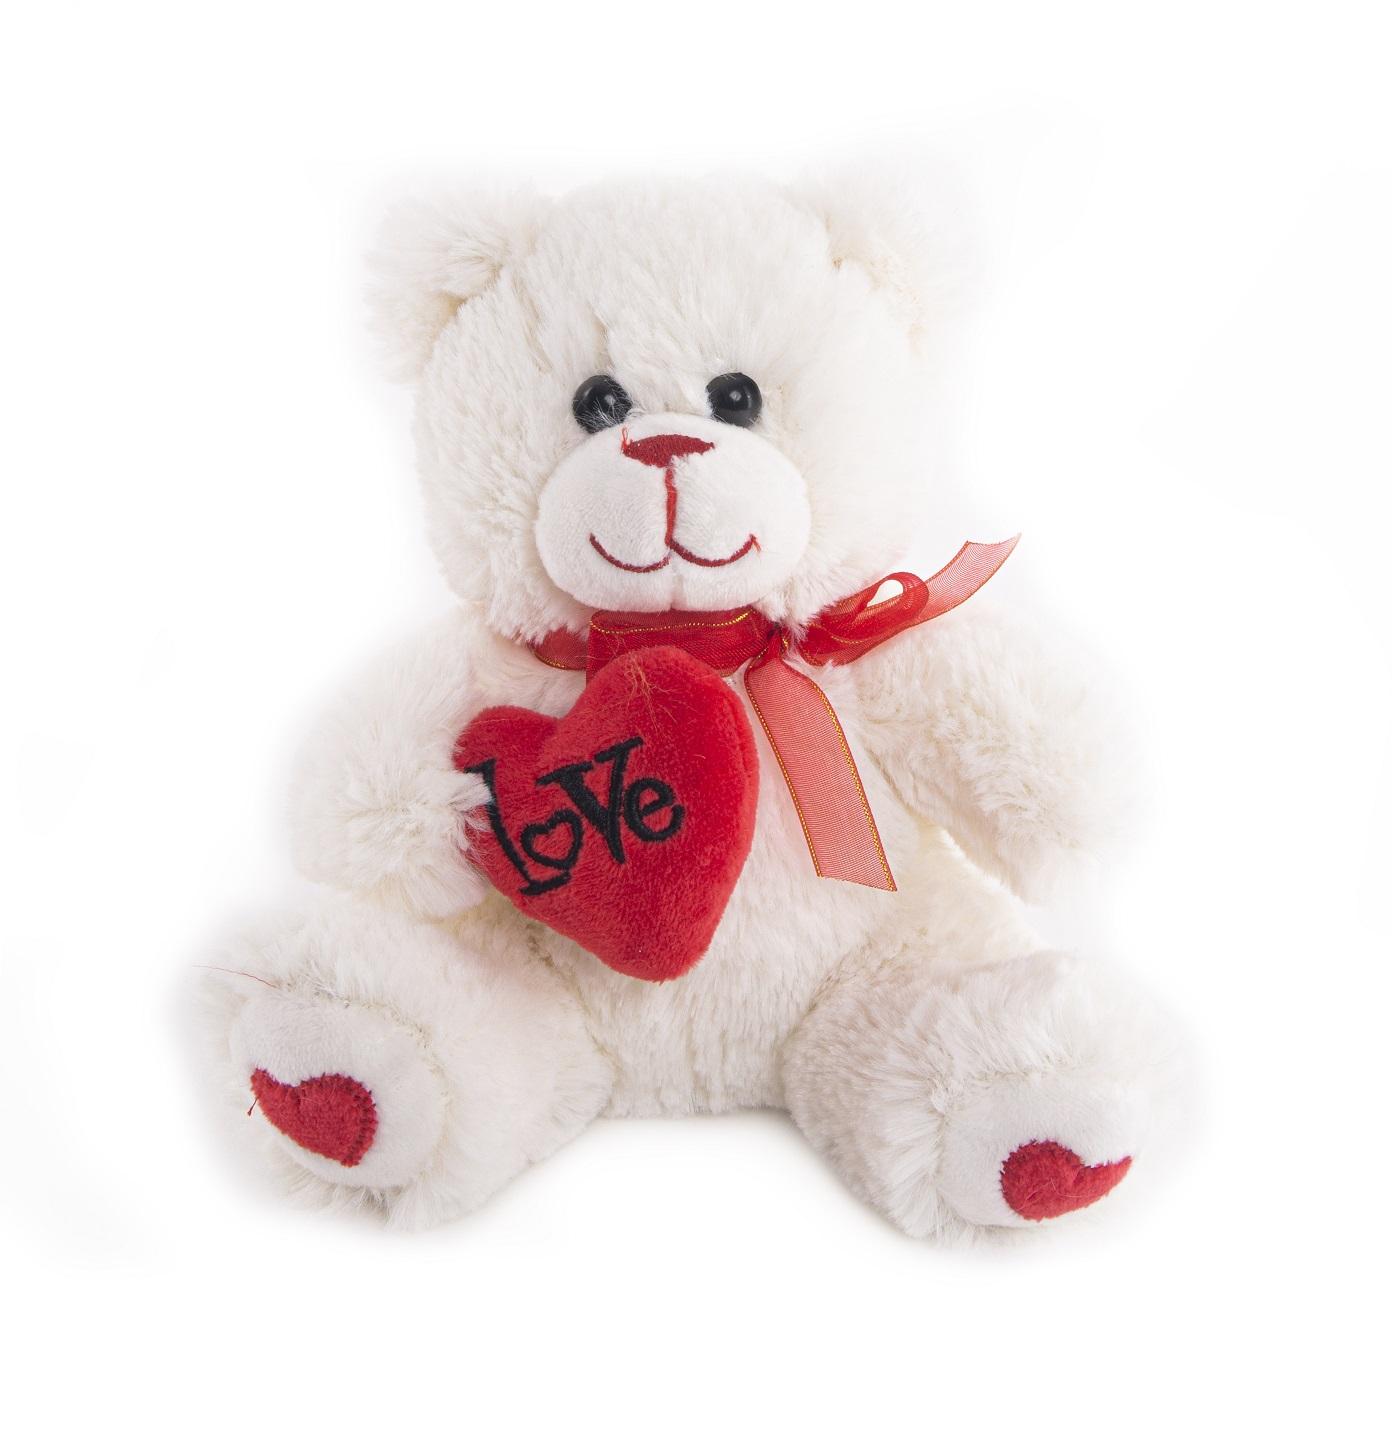 Мягкая игрушка ButtonBlue, Мишка Гарри с сердечком, 20 см 40-DN17-0055-2-20